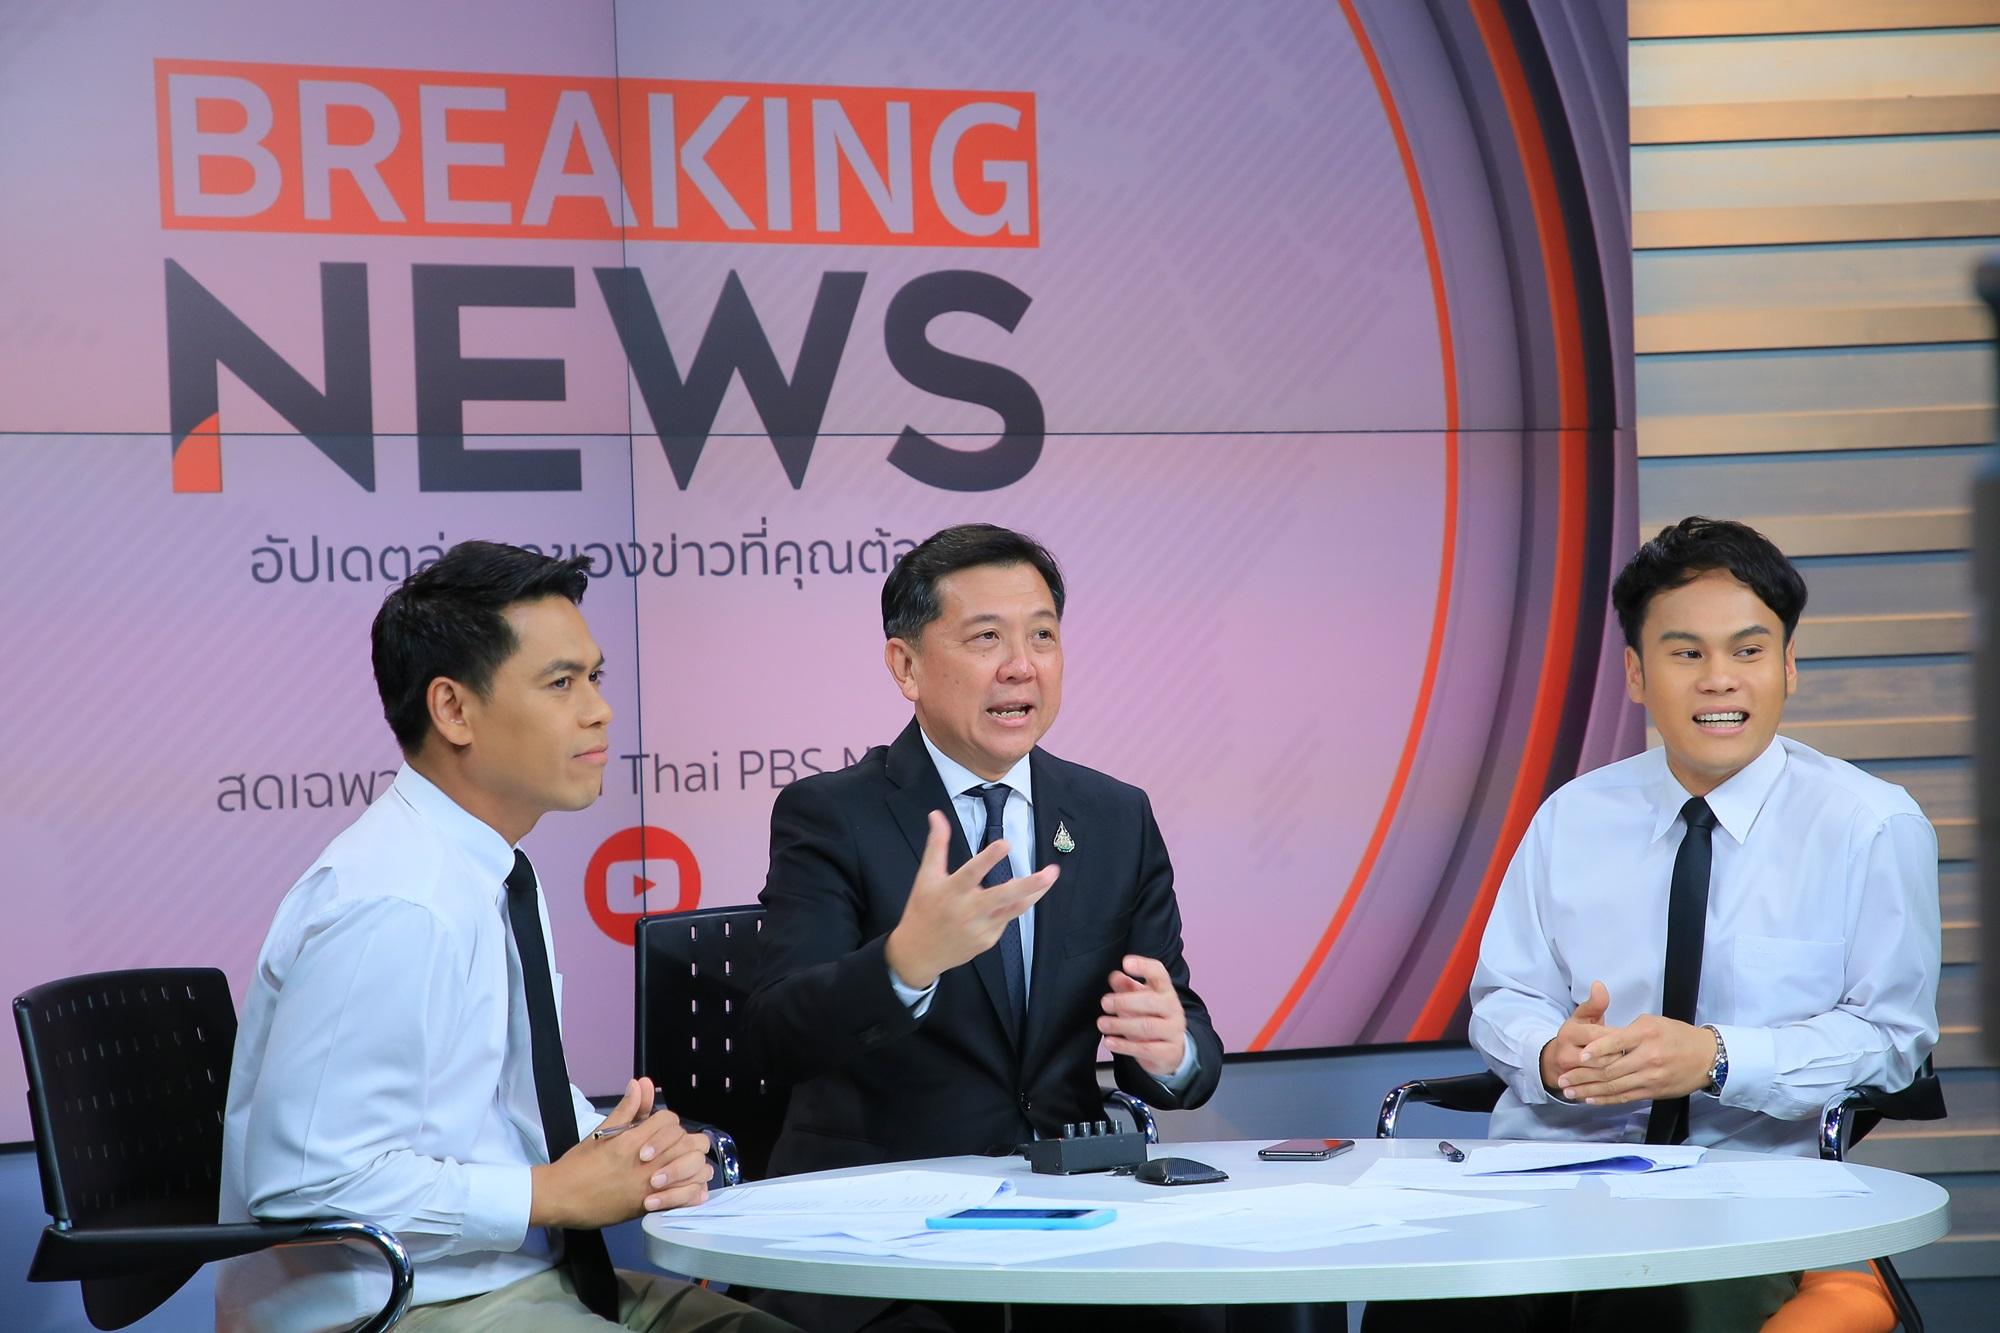 อทช.ให้สัมภาษณ์กับทางรายการ Thai PBS News CHANNEL